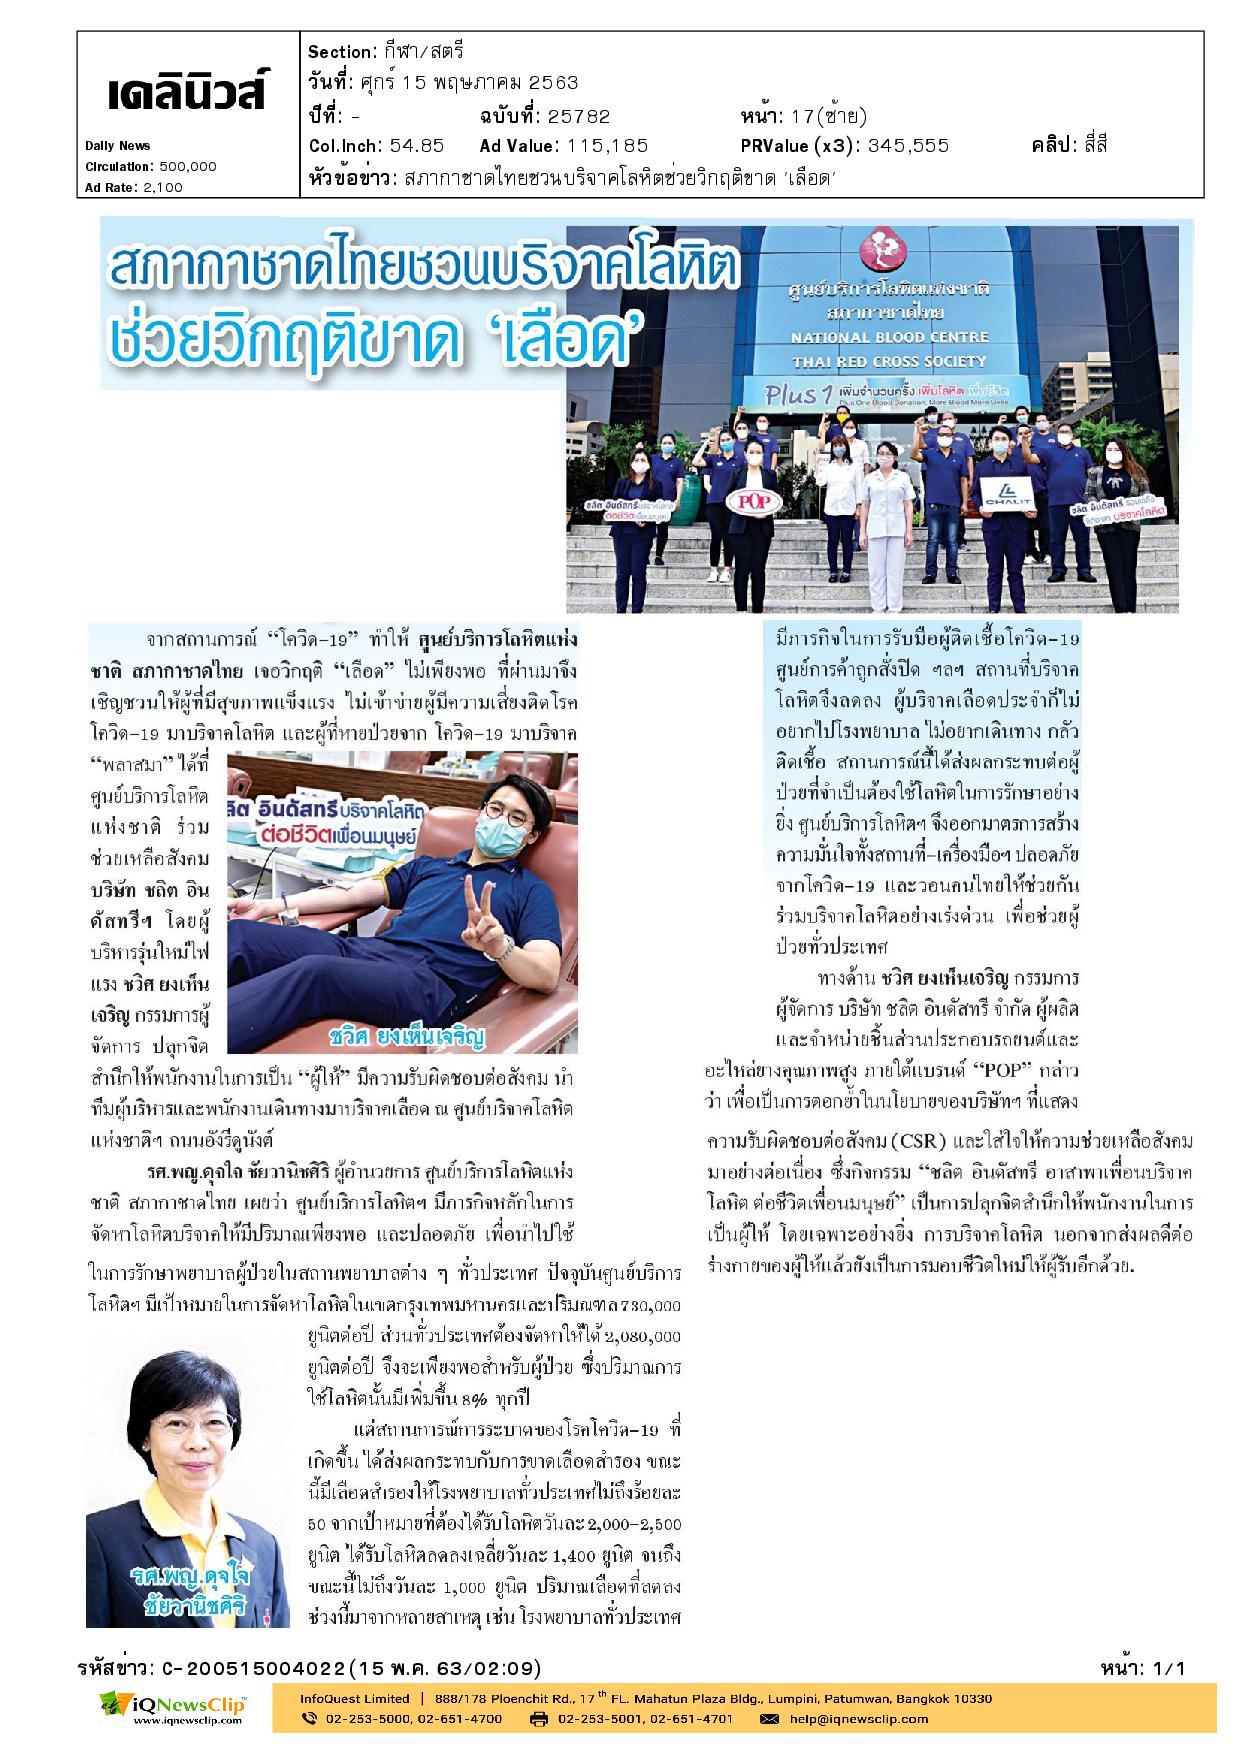 สภากาชาดไทย ชวนบริจาคโลหิต